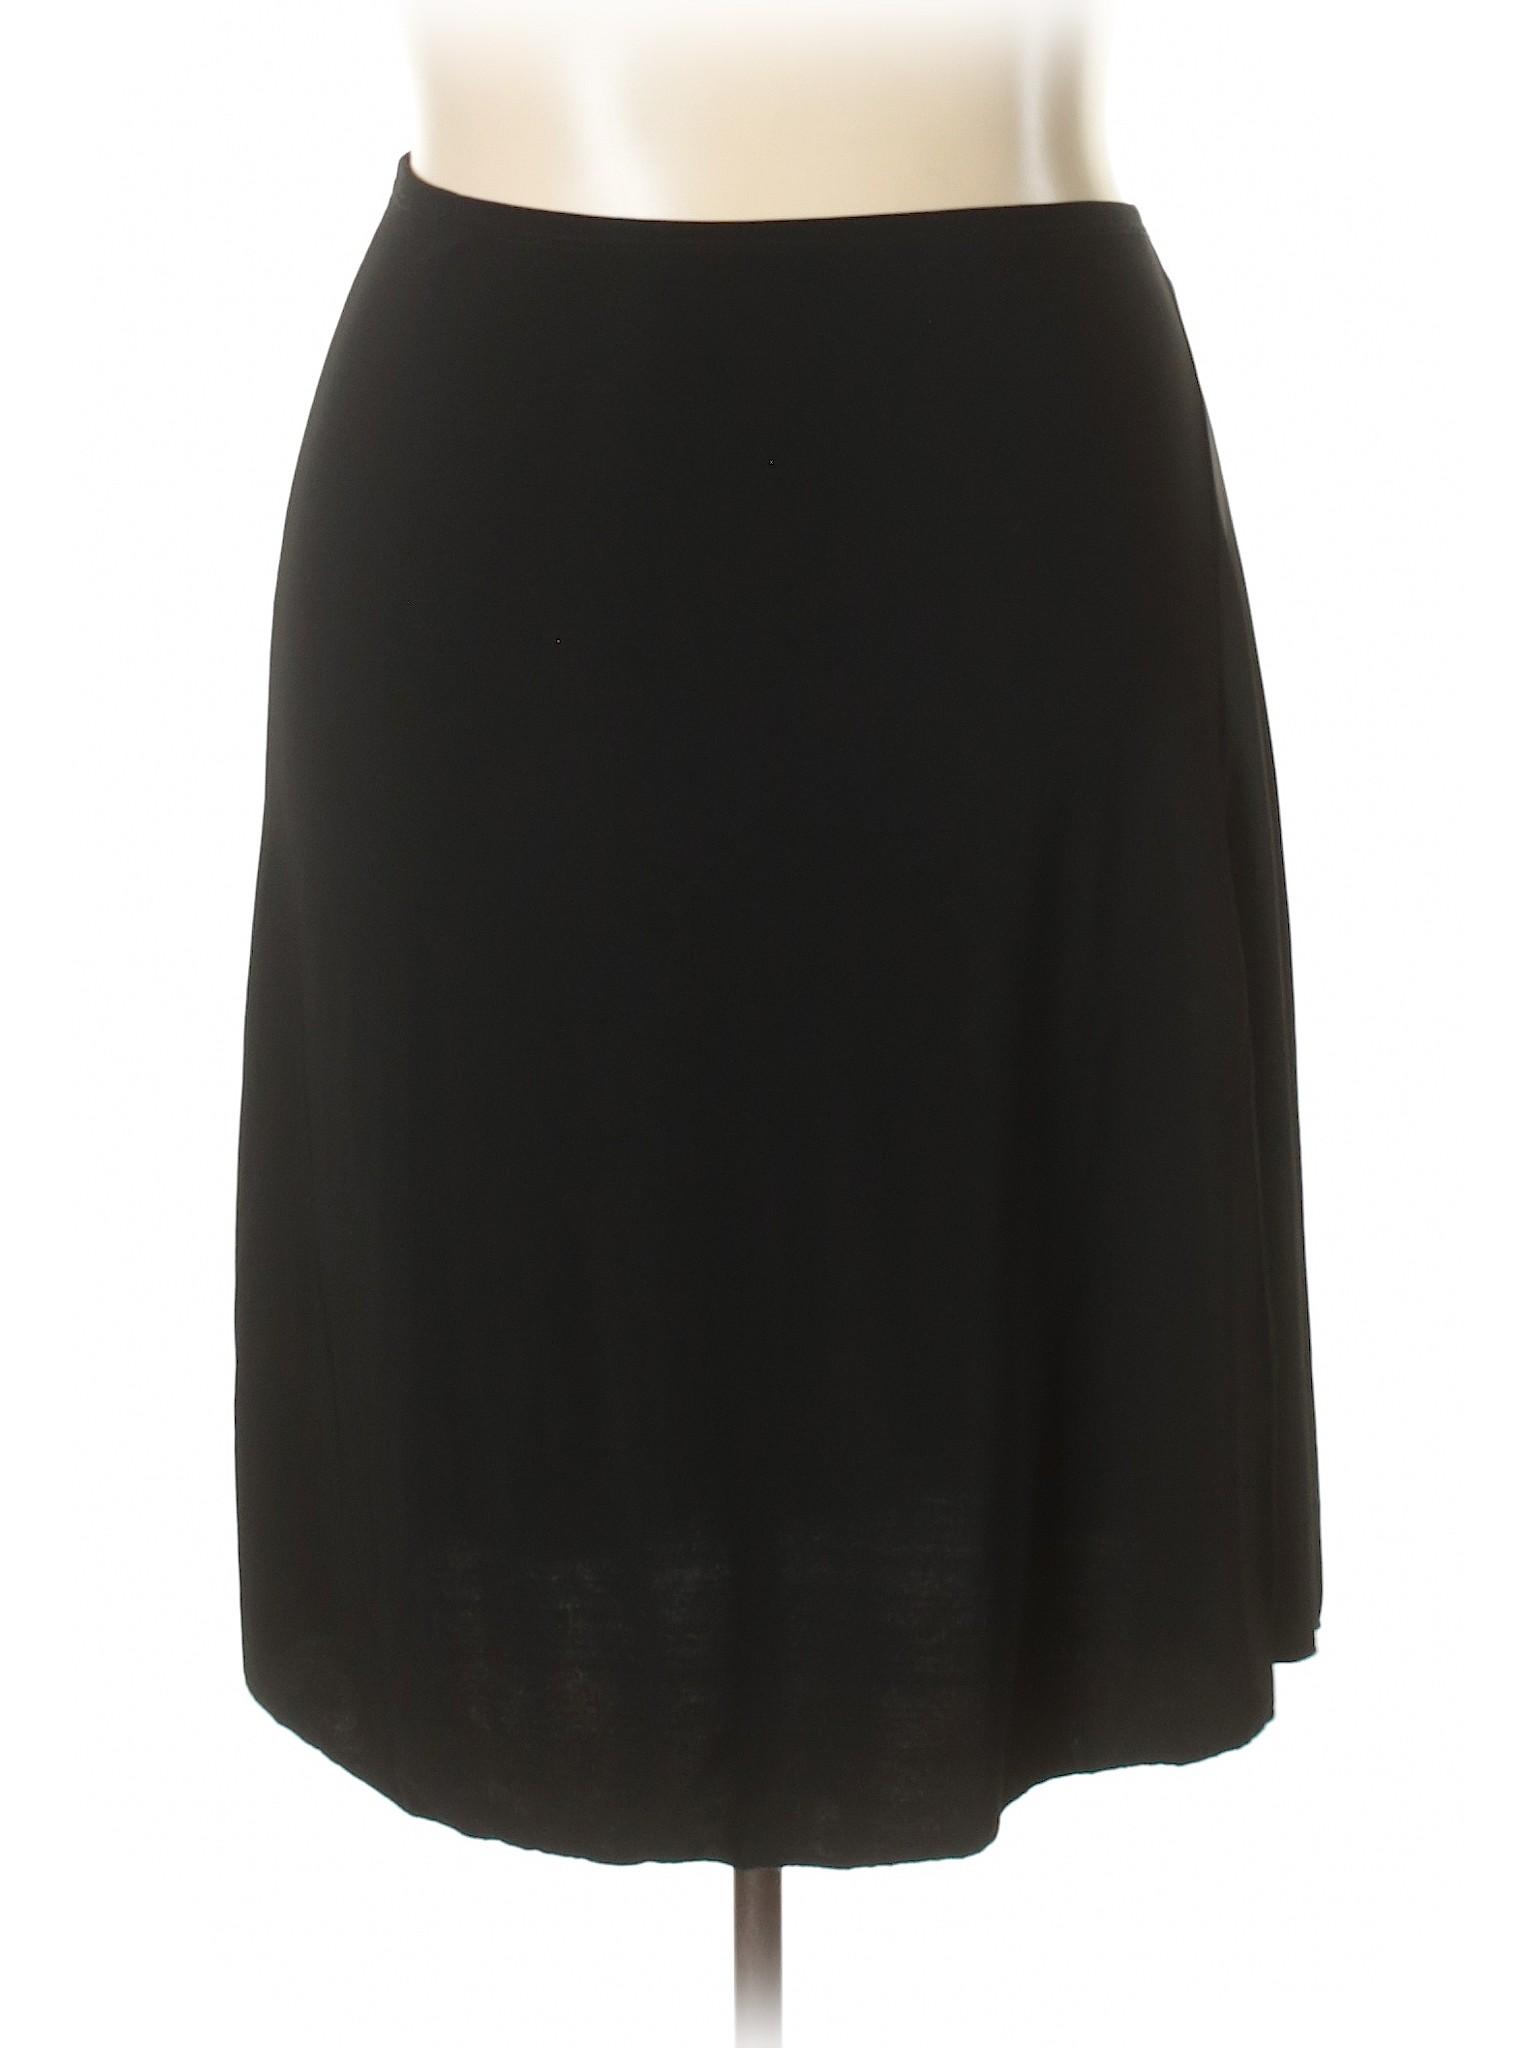 Casual Casual Casual Skirt Boutique Boutique Skirt Boutique HqTRZPv6